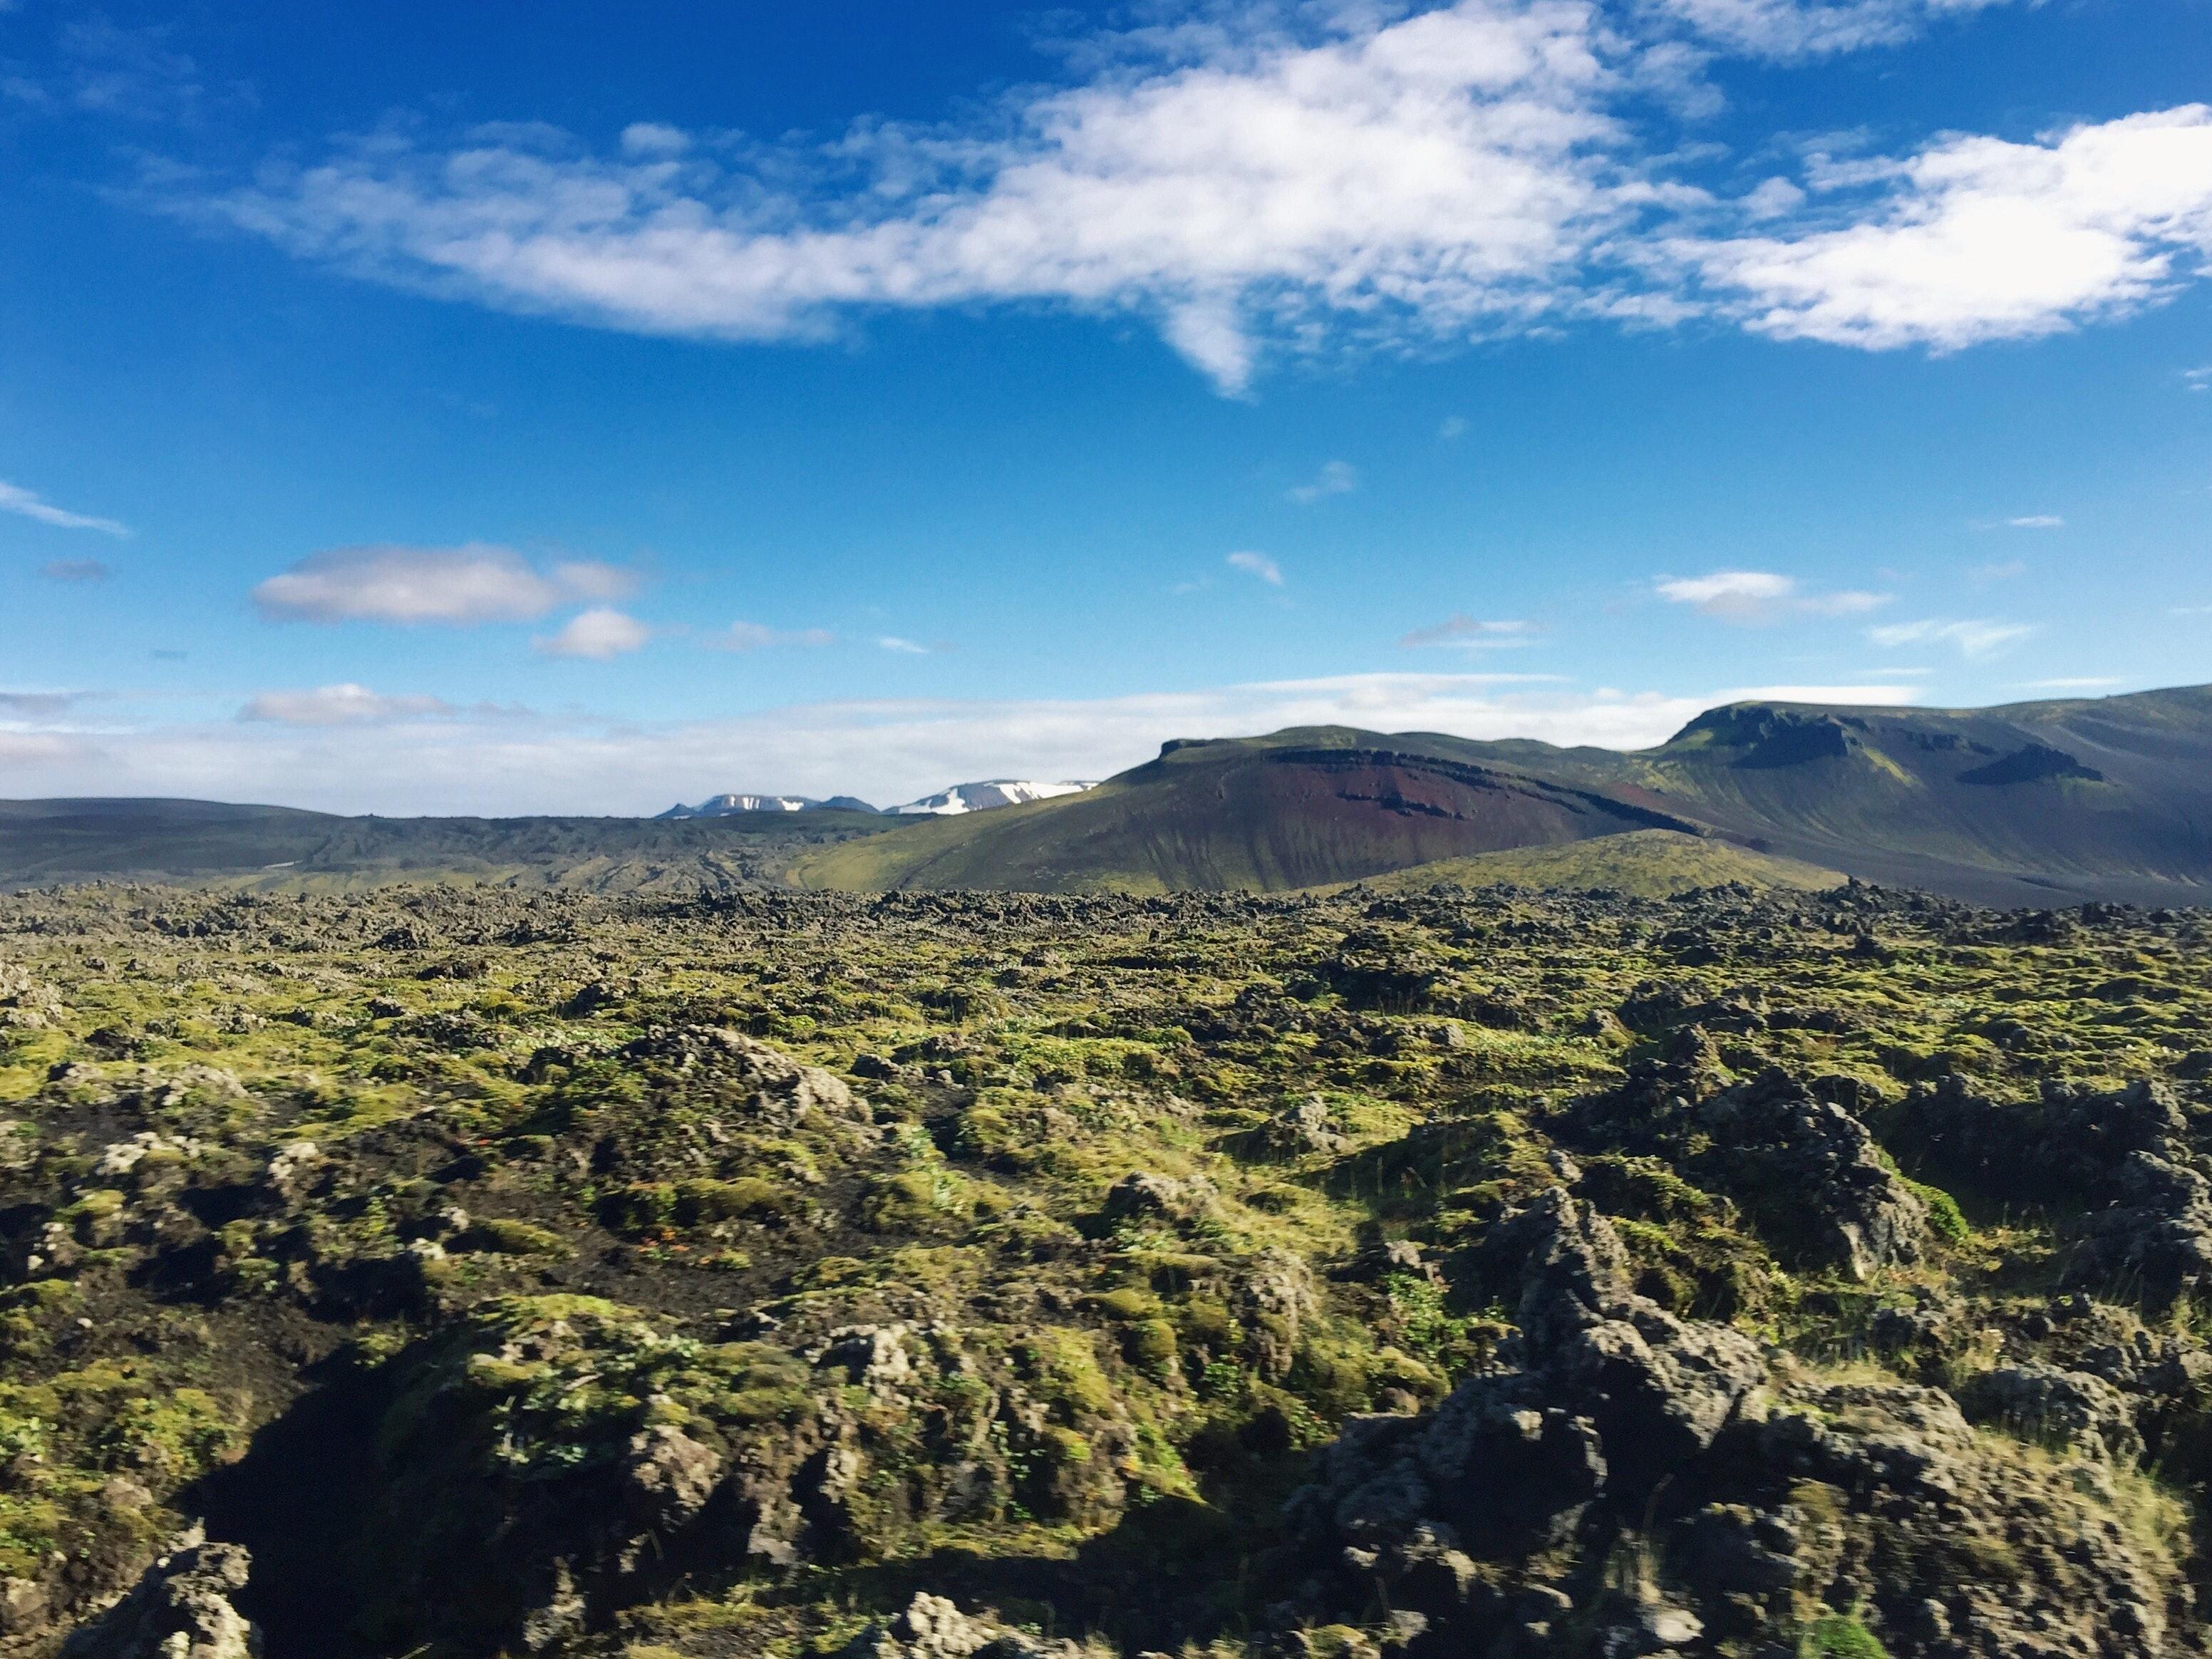 冰岛内陆高地兰德曼纳劳卡沿路风景